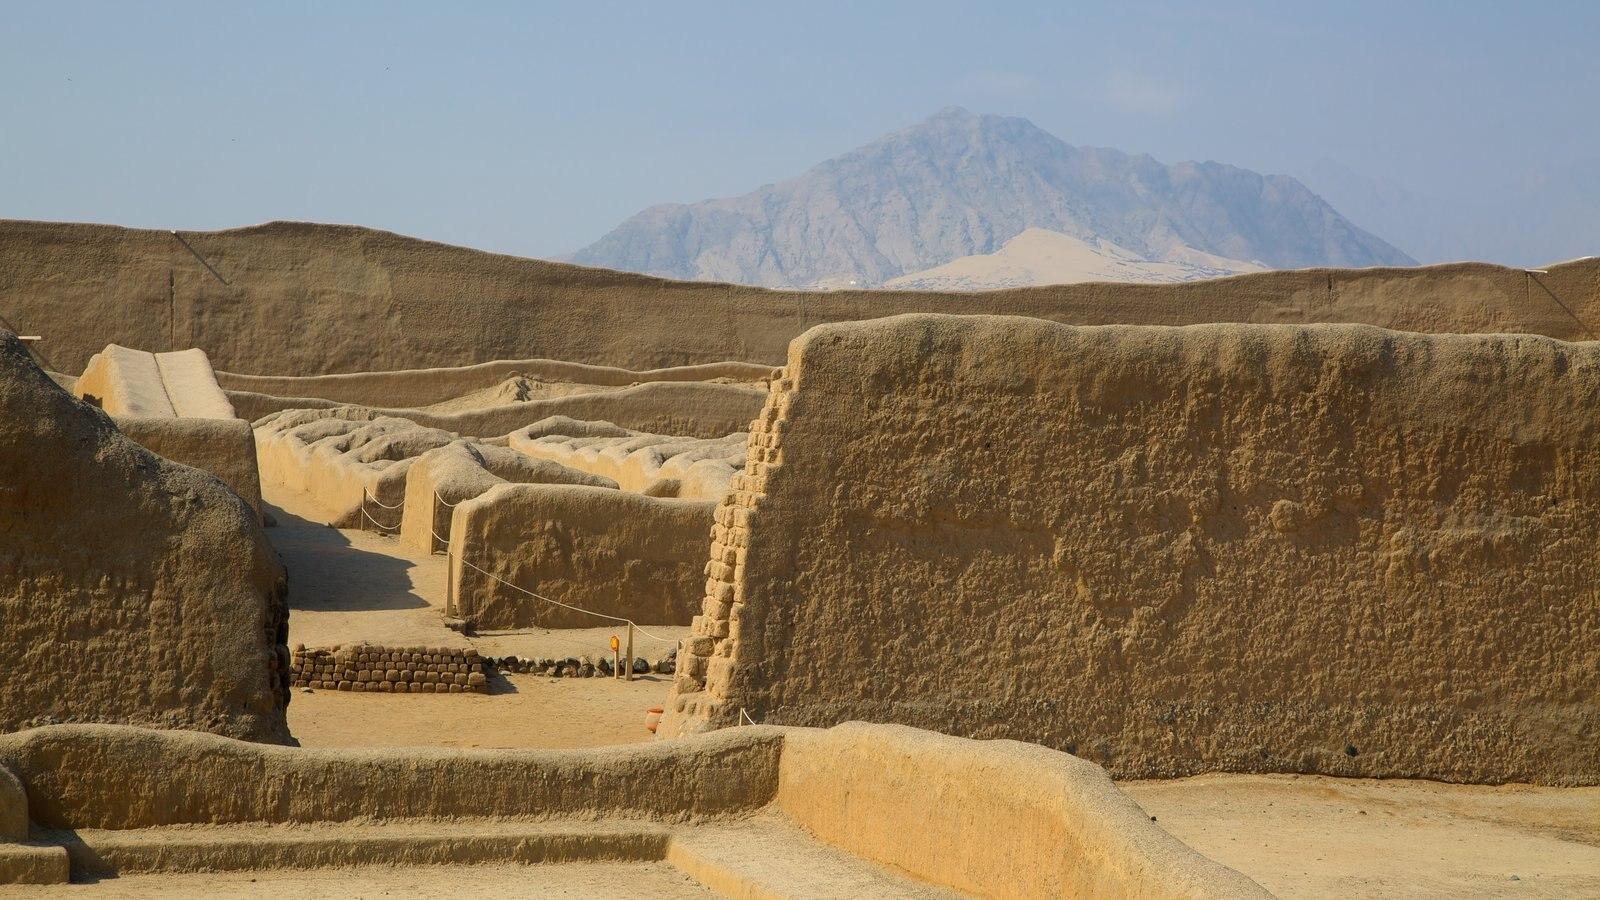 Chan Chan caracterizando elementos de patrimônio, paisagens do deserto e ruínas de edifício